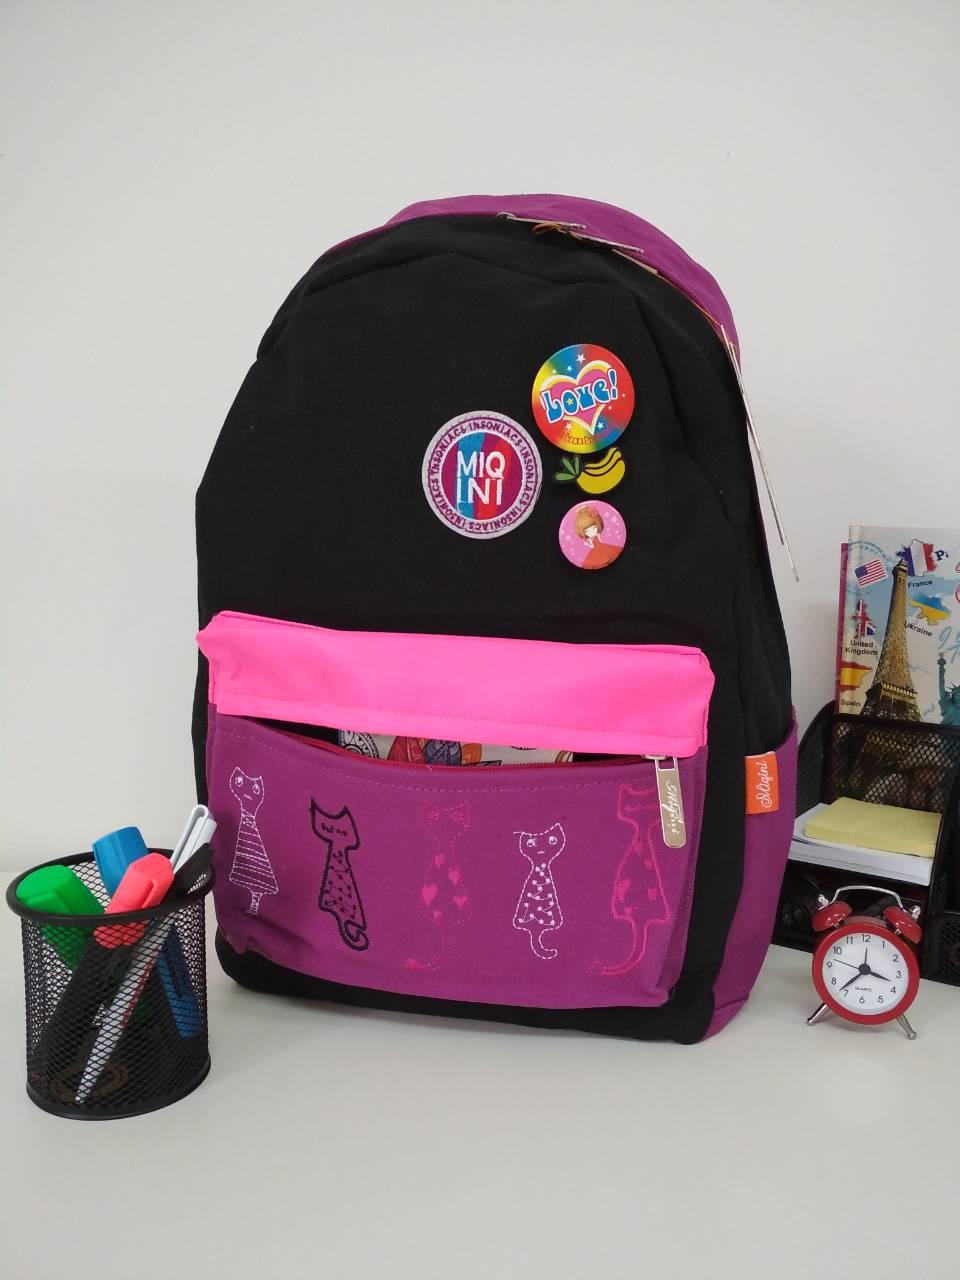 Школьный рюкзак для девочки с анатомической спинкой Migini принт Кошки 45*30*15 см